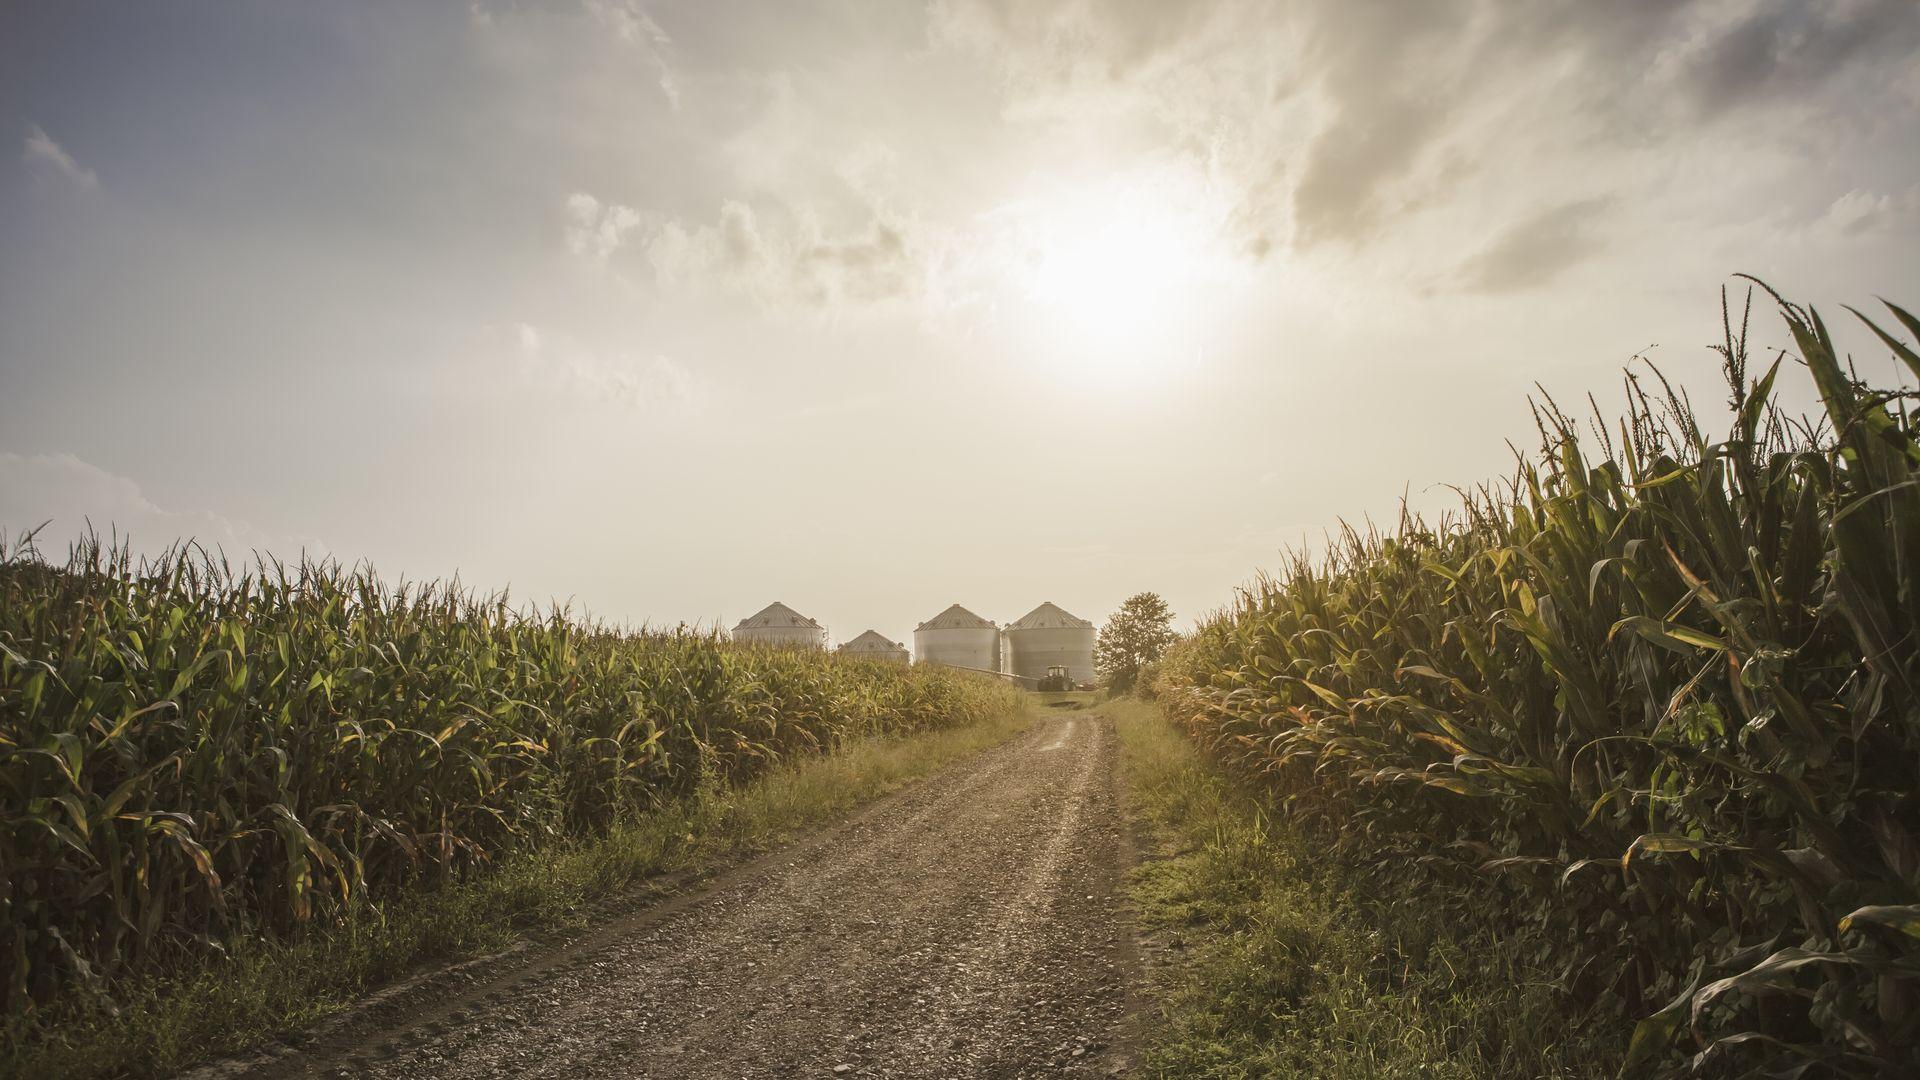 A corn farm